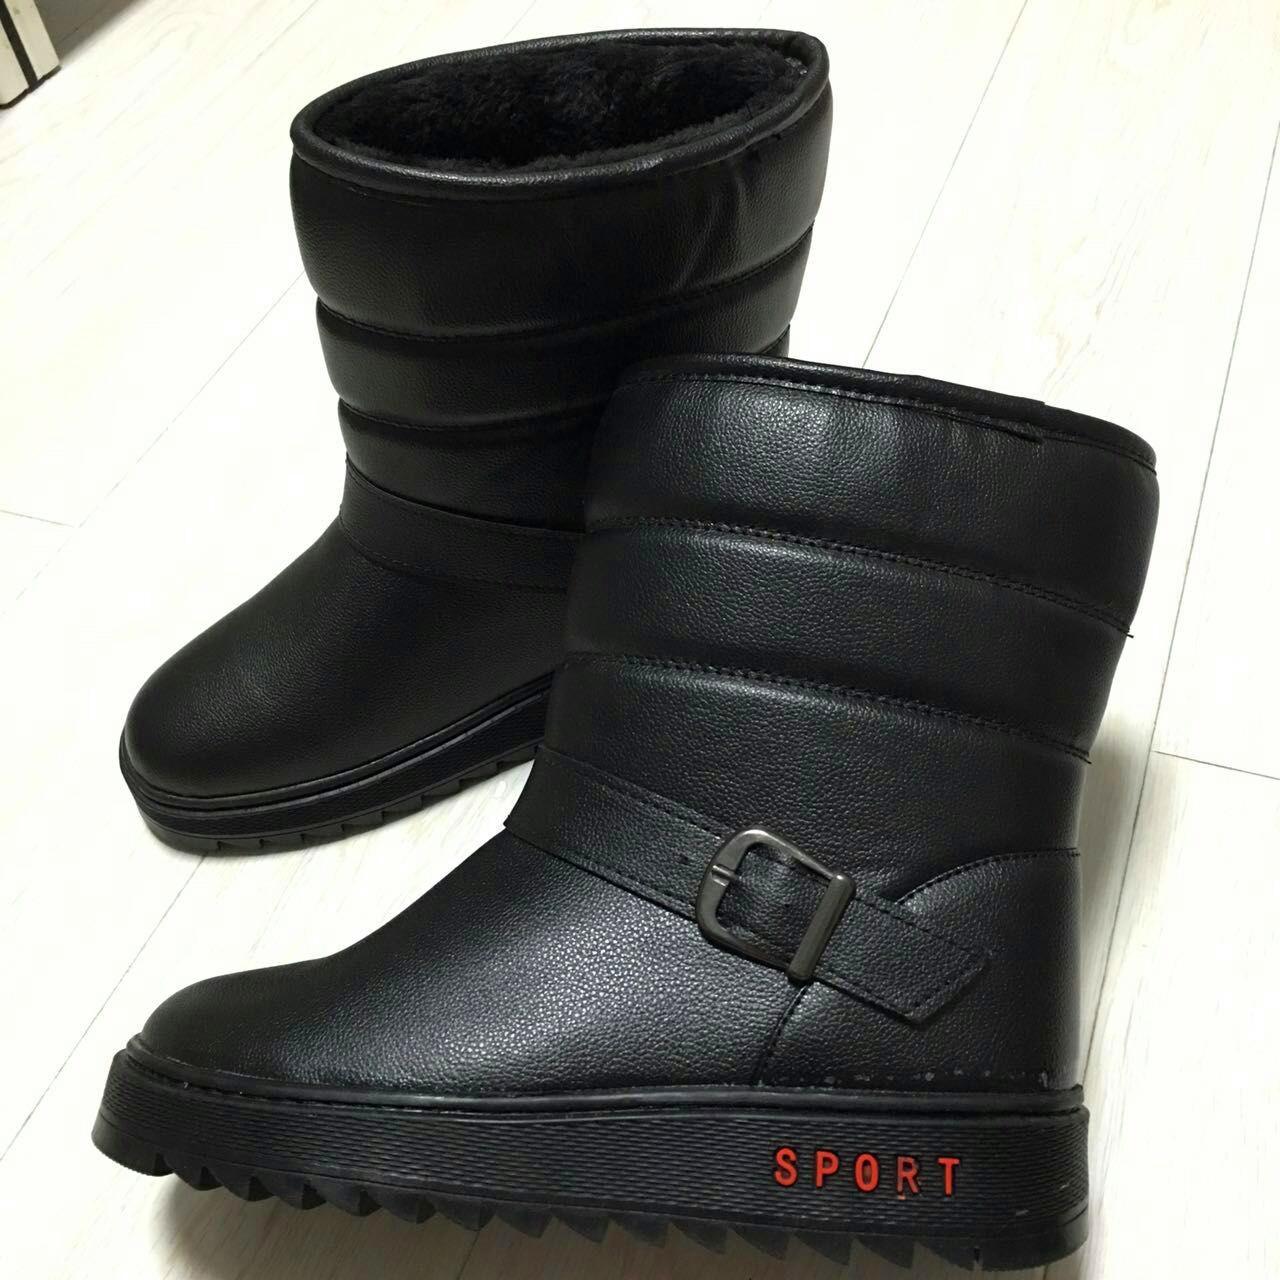 Мужчины плюс флис водонепроницаемый зимой снега сапоги мужские сапоги случайные теплой пу кожаный трубки платформа высокой мужская обувь